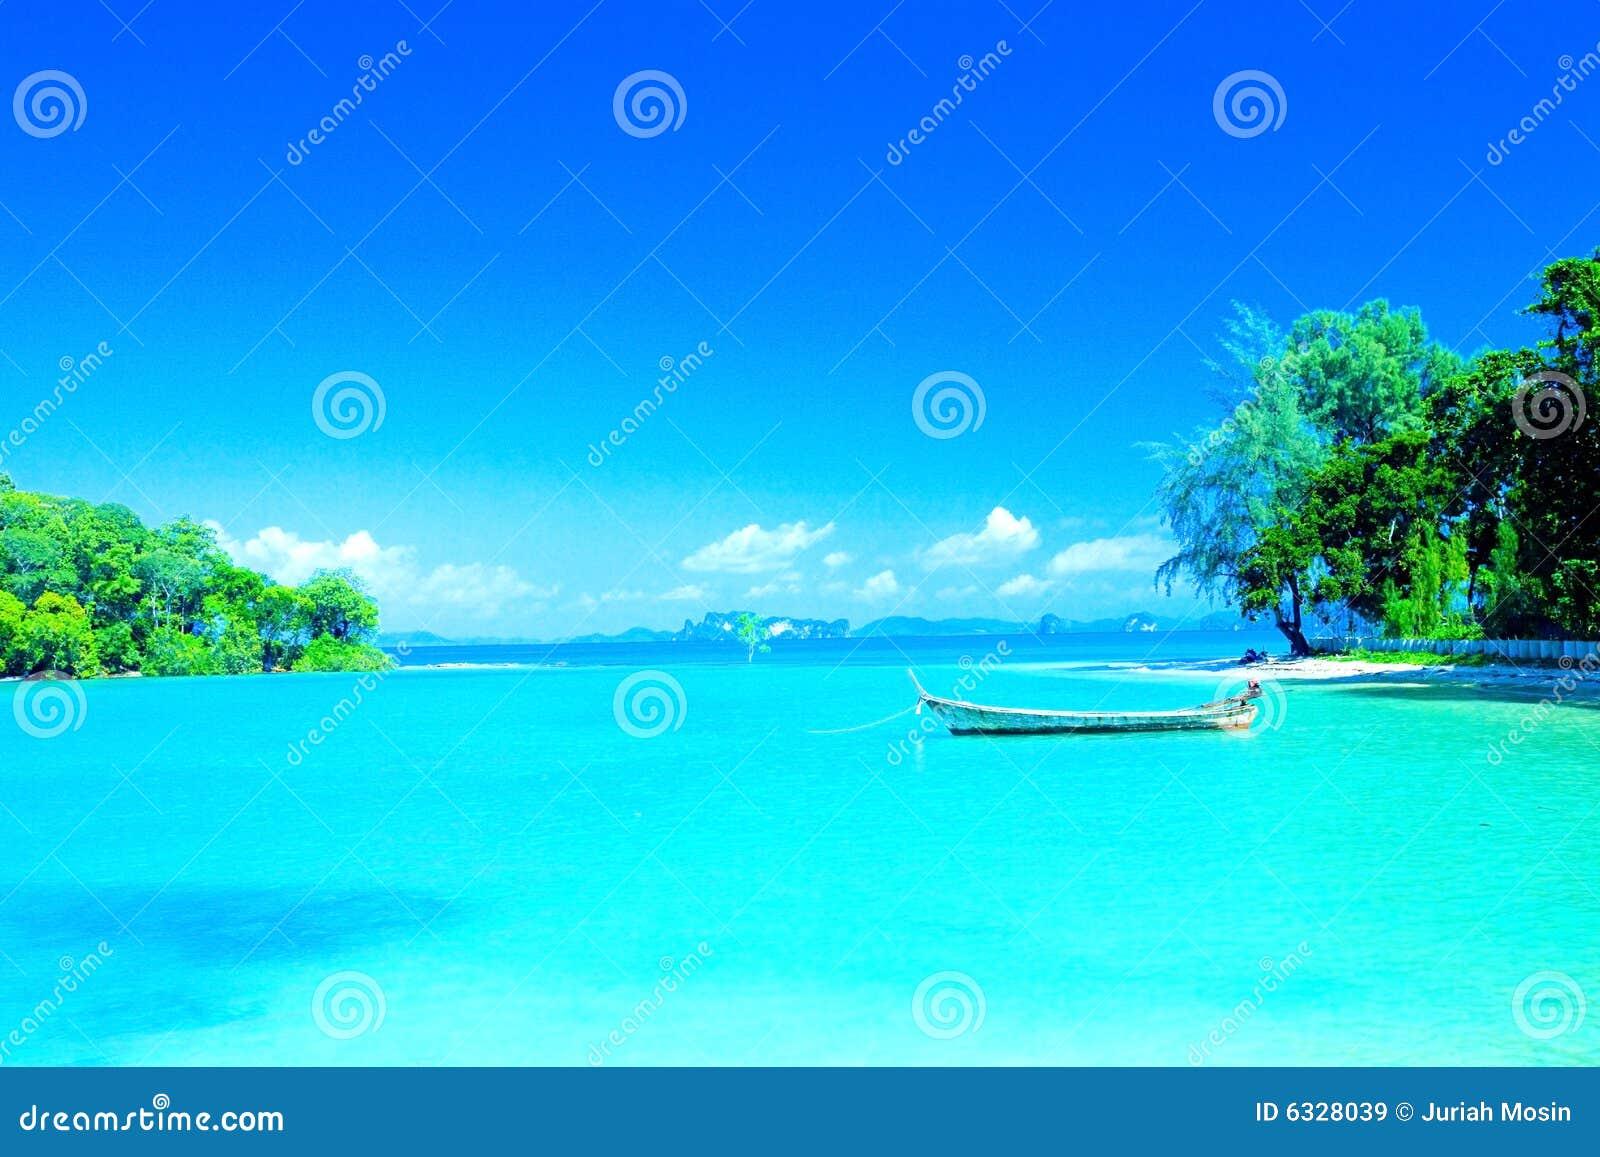 Playa de la laguna en la bahía de Krabi, Tailandia del centro turístico.